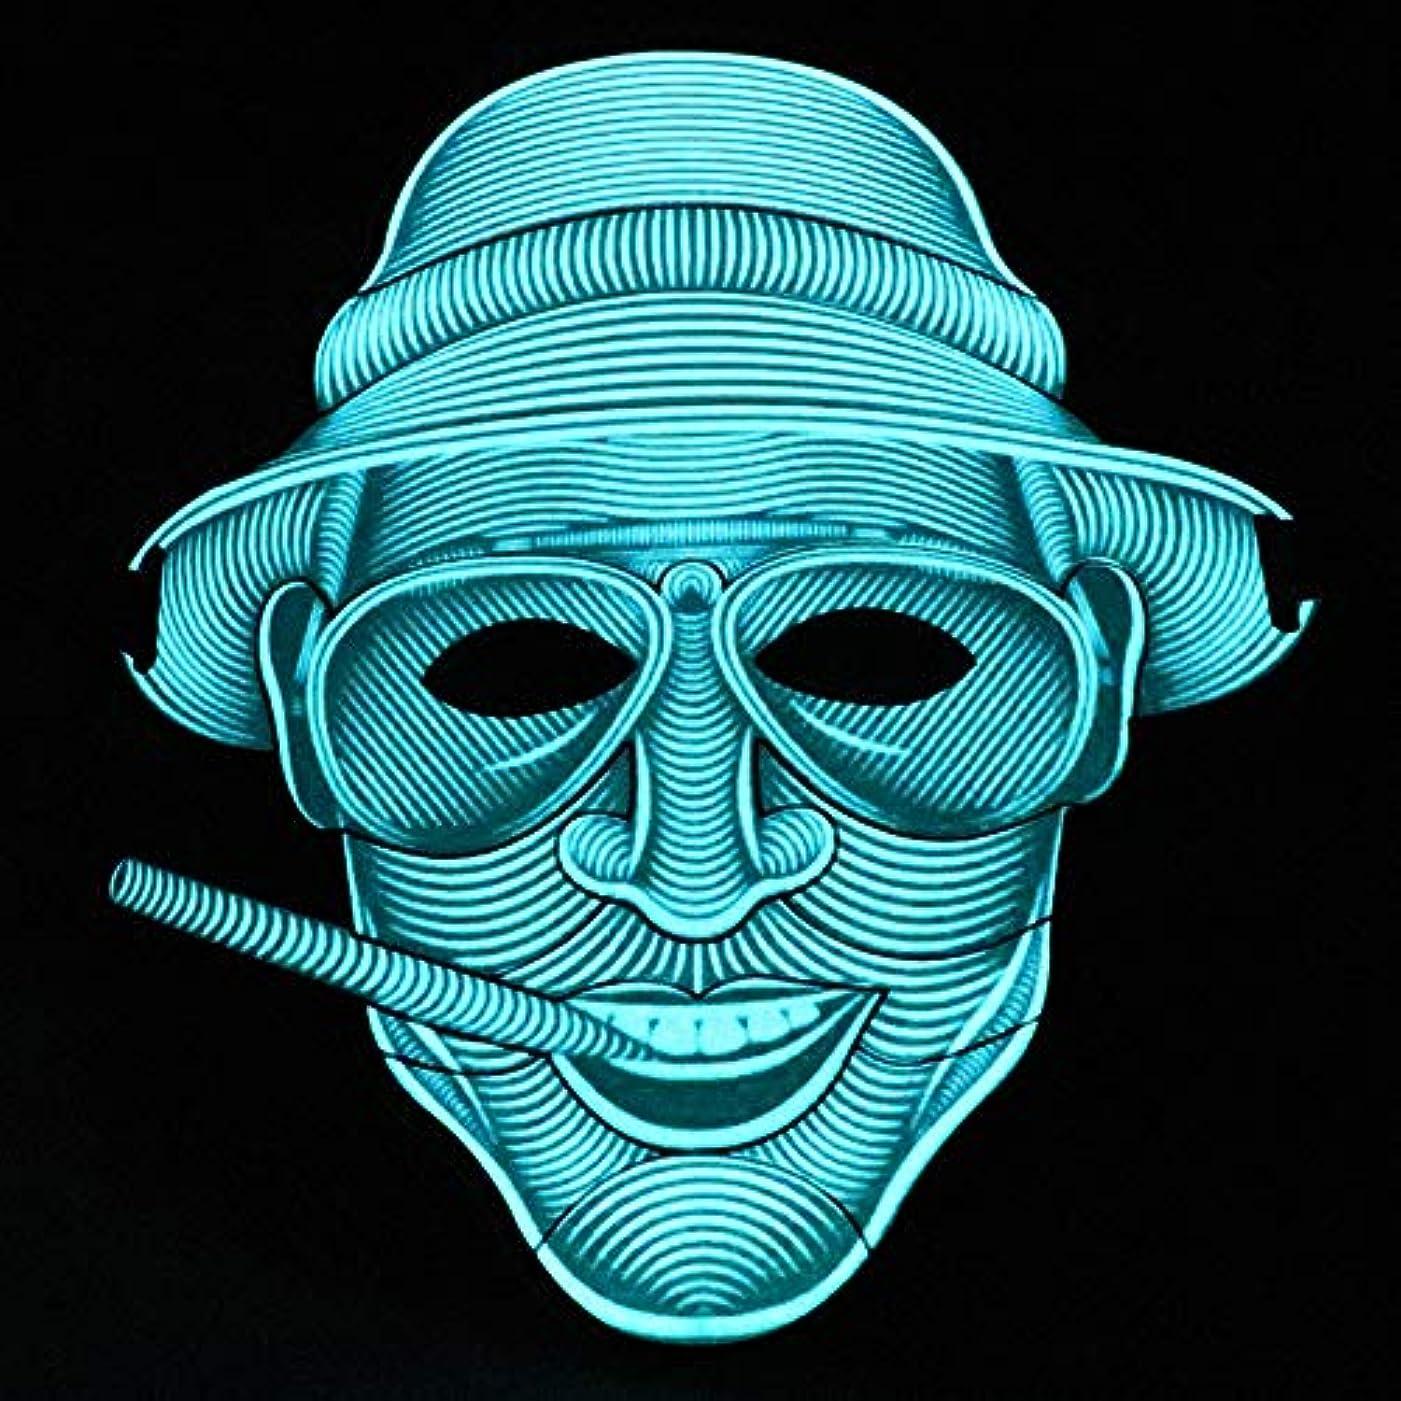 符号挑発する解釈的照らされたマスクLED創造的な冷光音響制御マスクハロウィンバーフェスティバルダンスマスク (Color : #9)